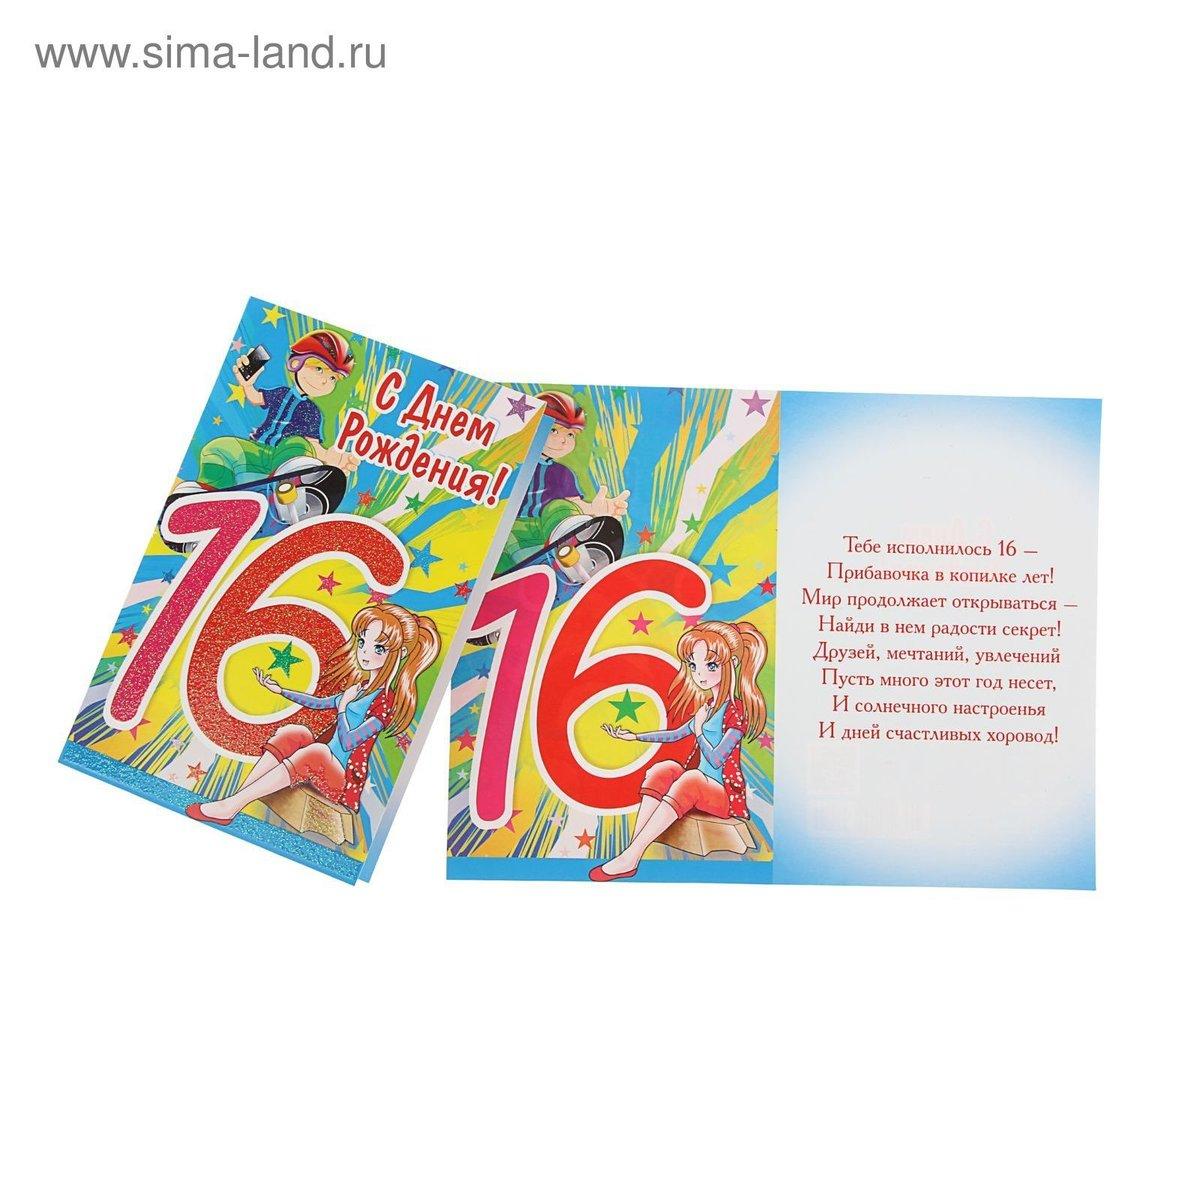 Открытки поздравления днем рождения 16 лет, днем рождения